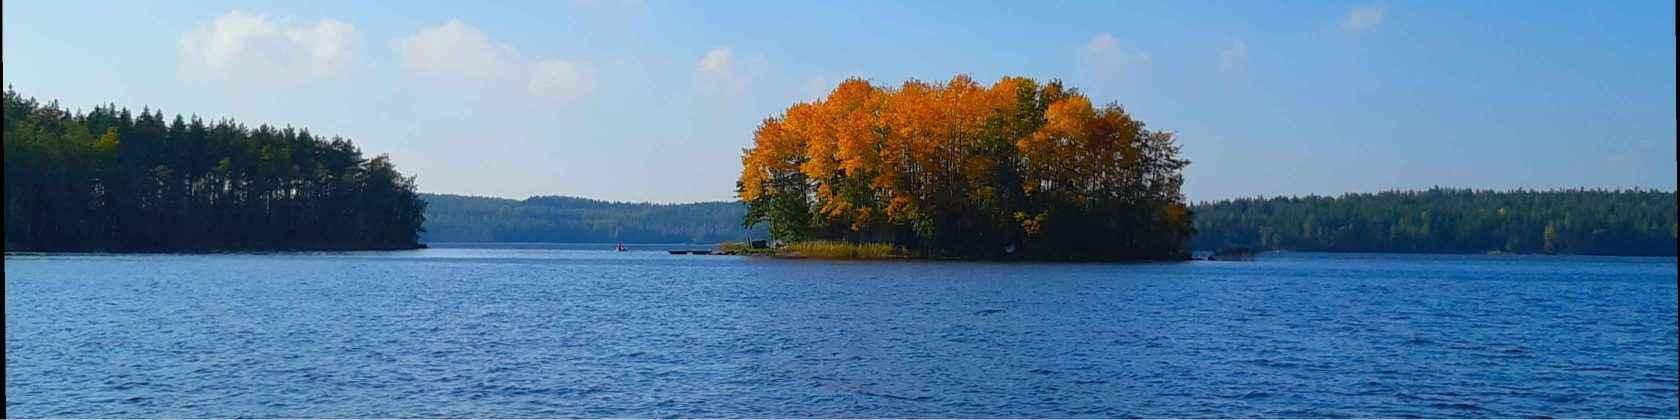 Pieni saari hehkuu ornassina ruskan loisteessa sinisen järven takana